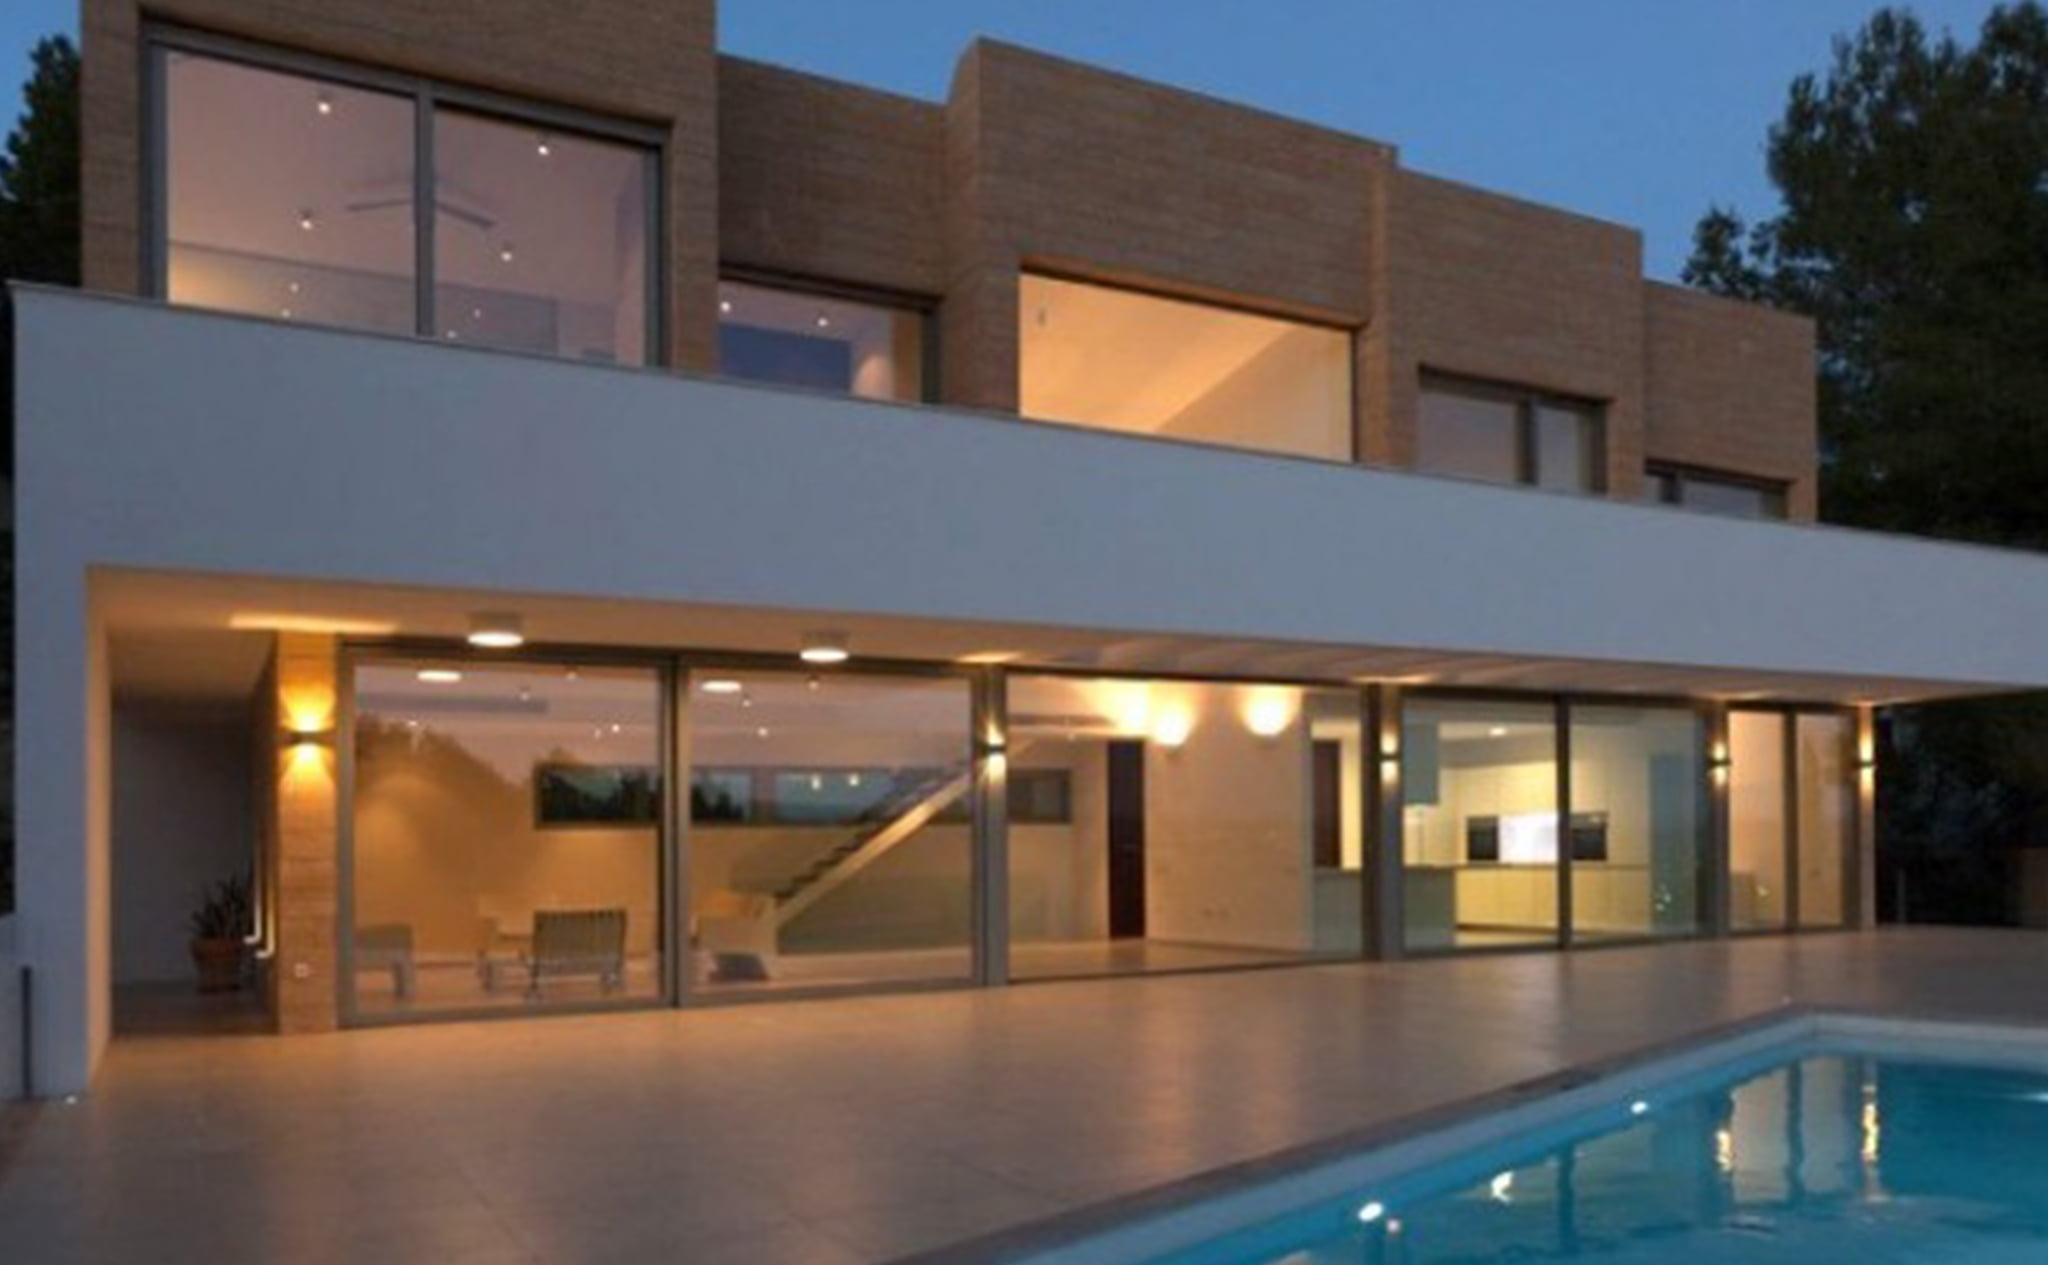 Fachada de una casa moderna en venta en Jávea – MORAGUESPONS Mediterranean Houses